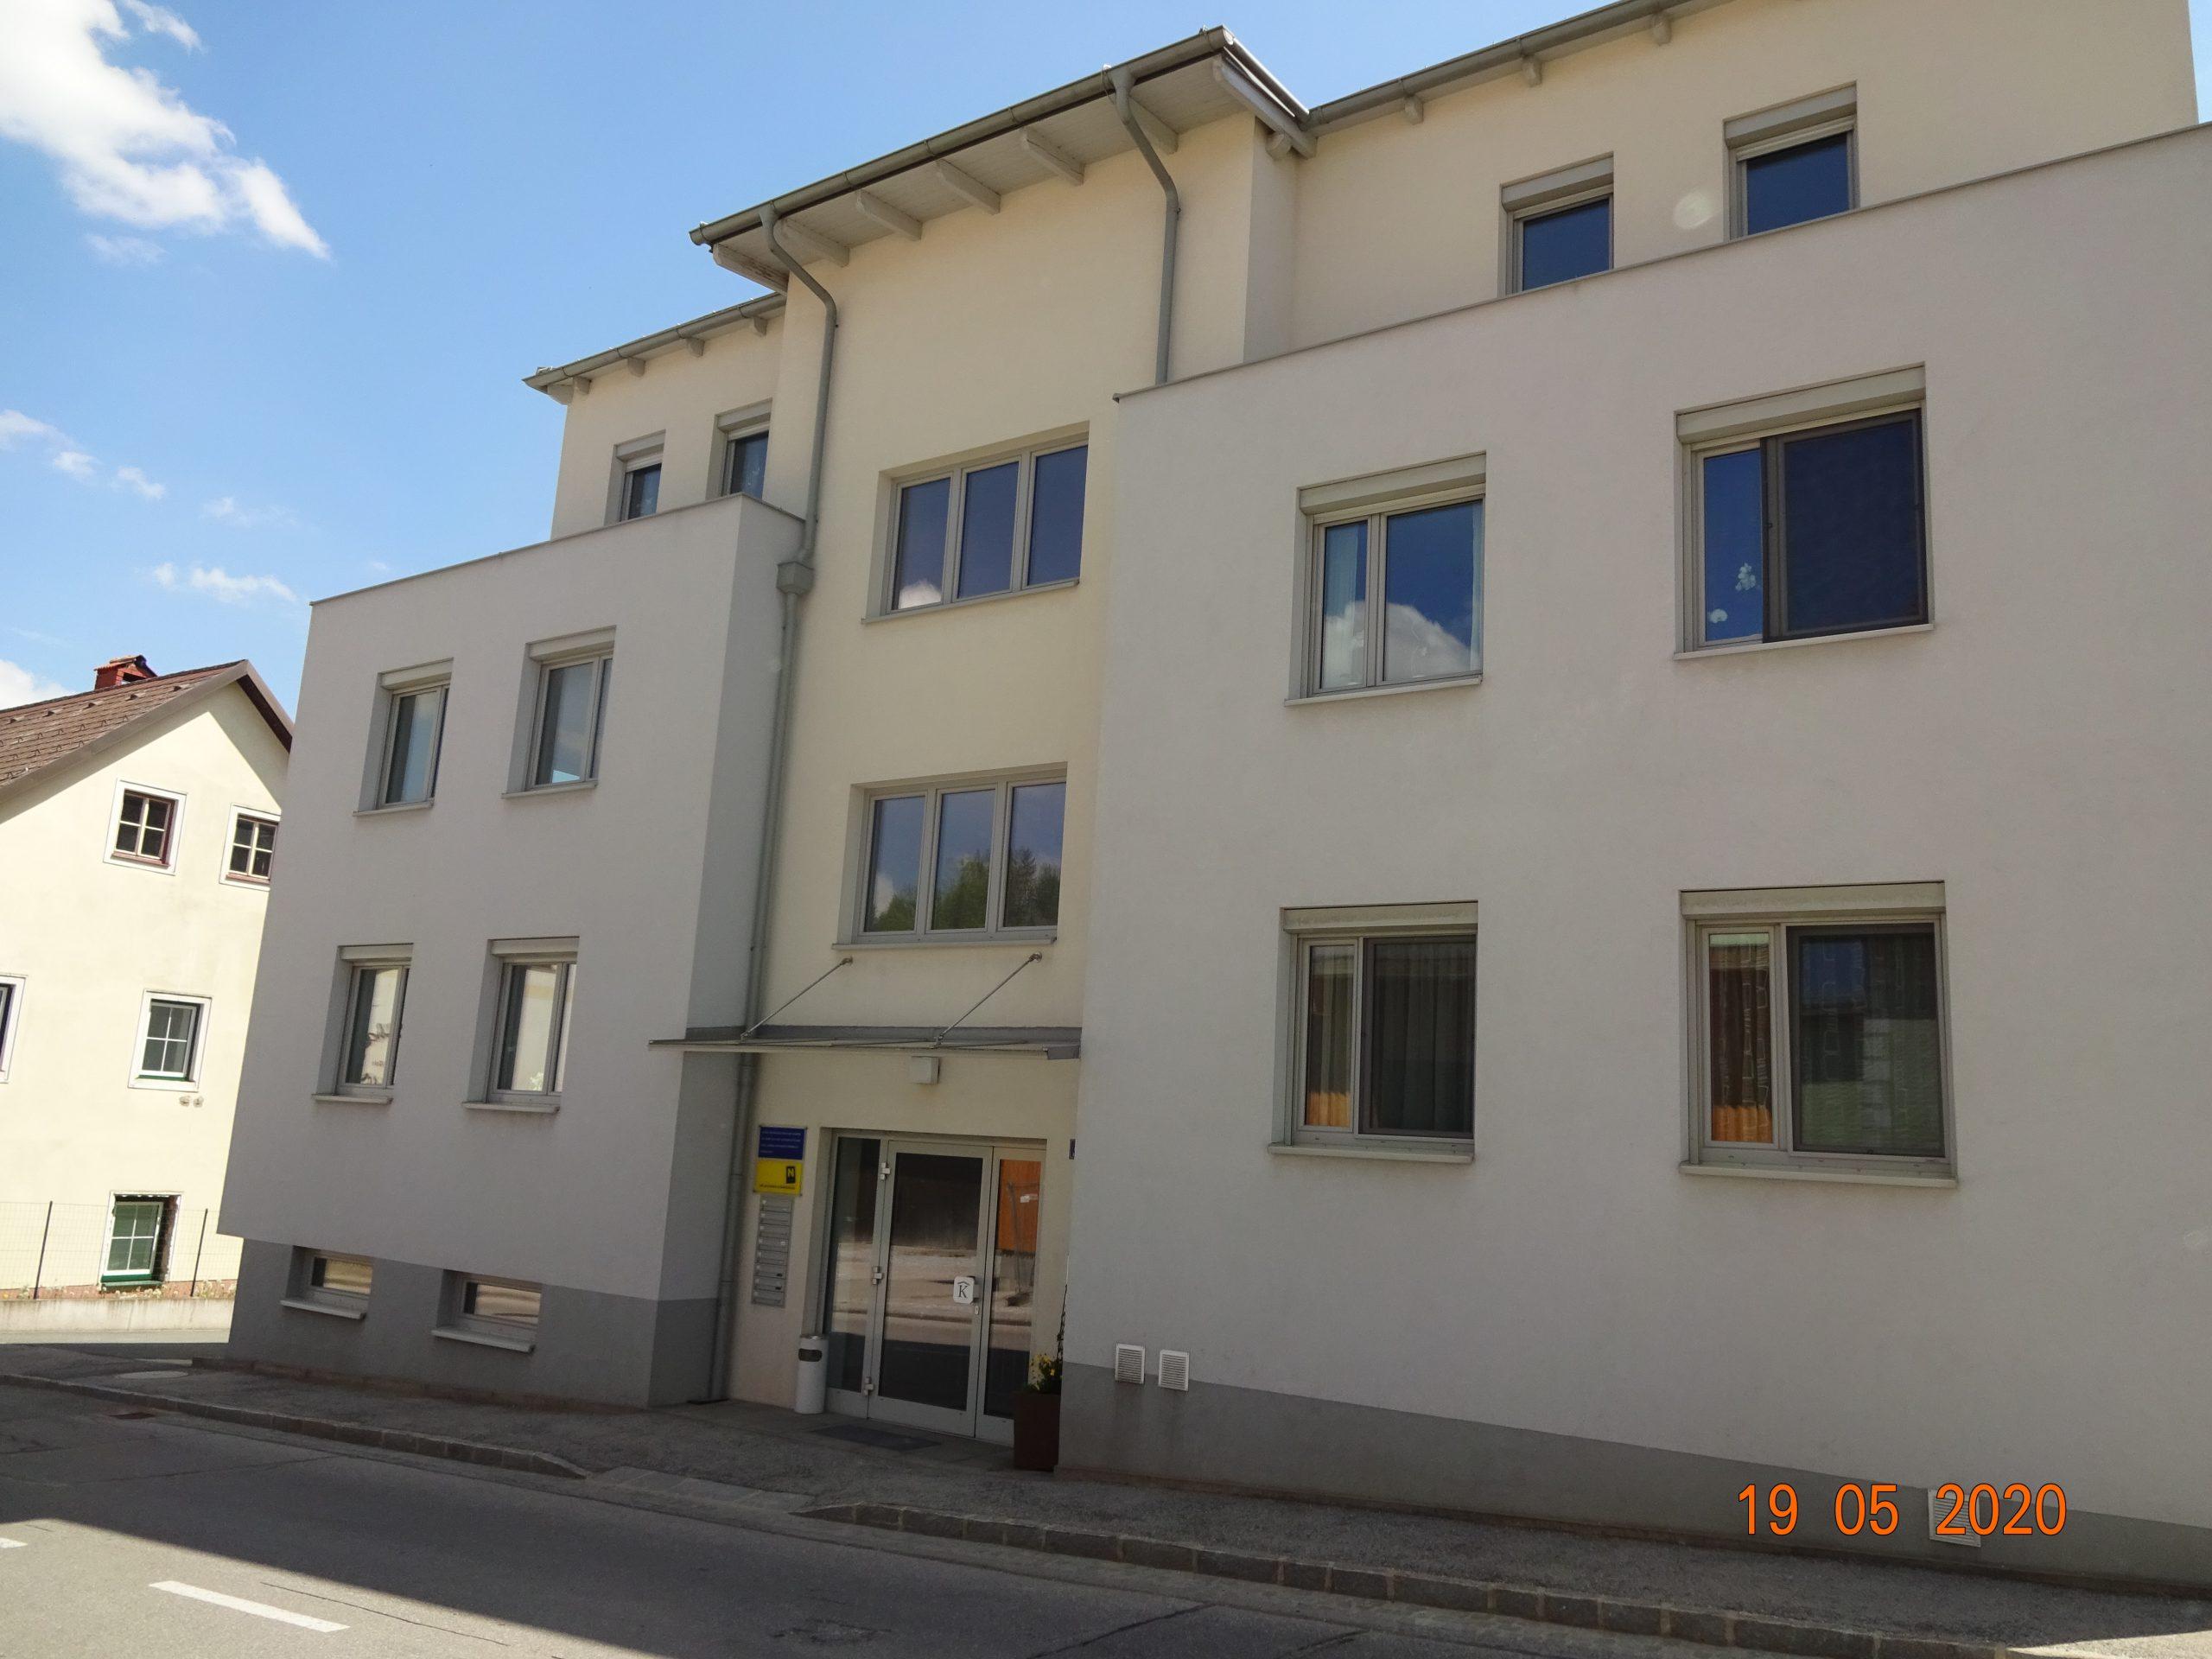 Immobilie von Kamptal in 3925 Arbesbach, Zwettl, Arbesbach II - Top 6 #10